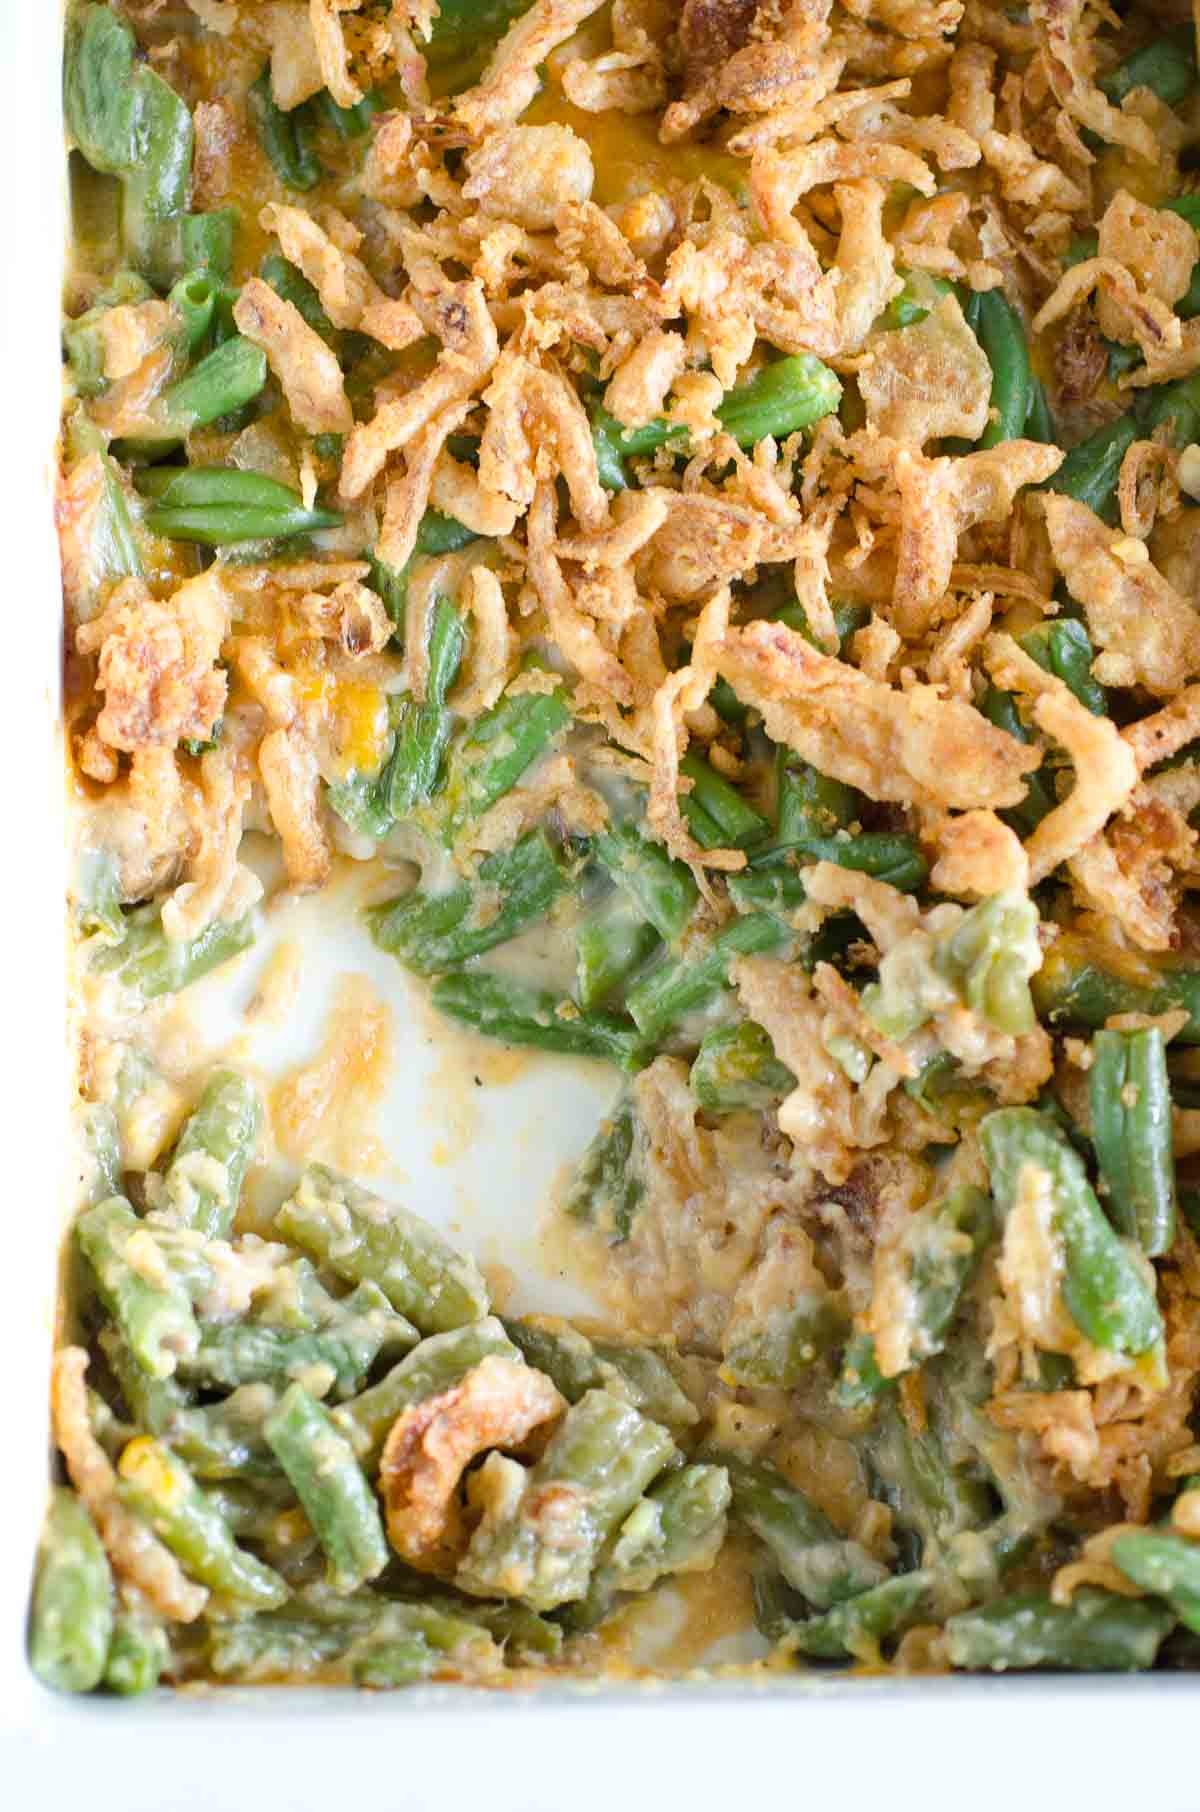 a pan of green bean casserole